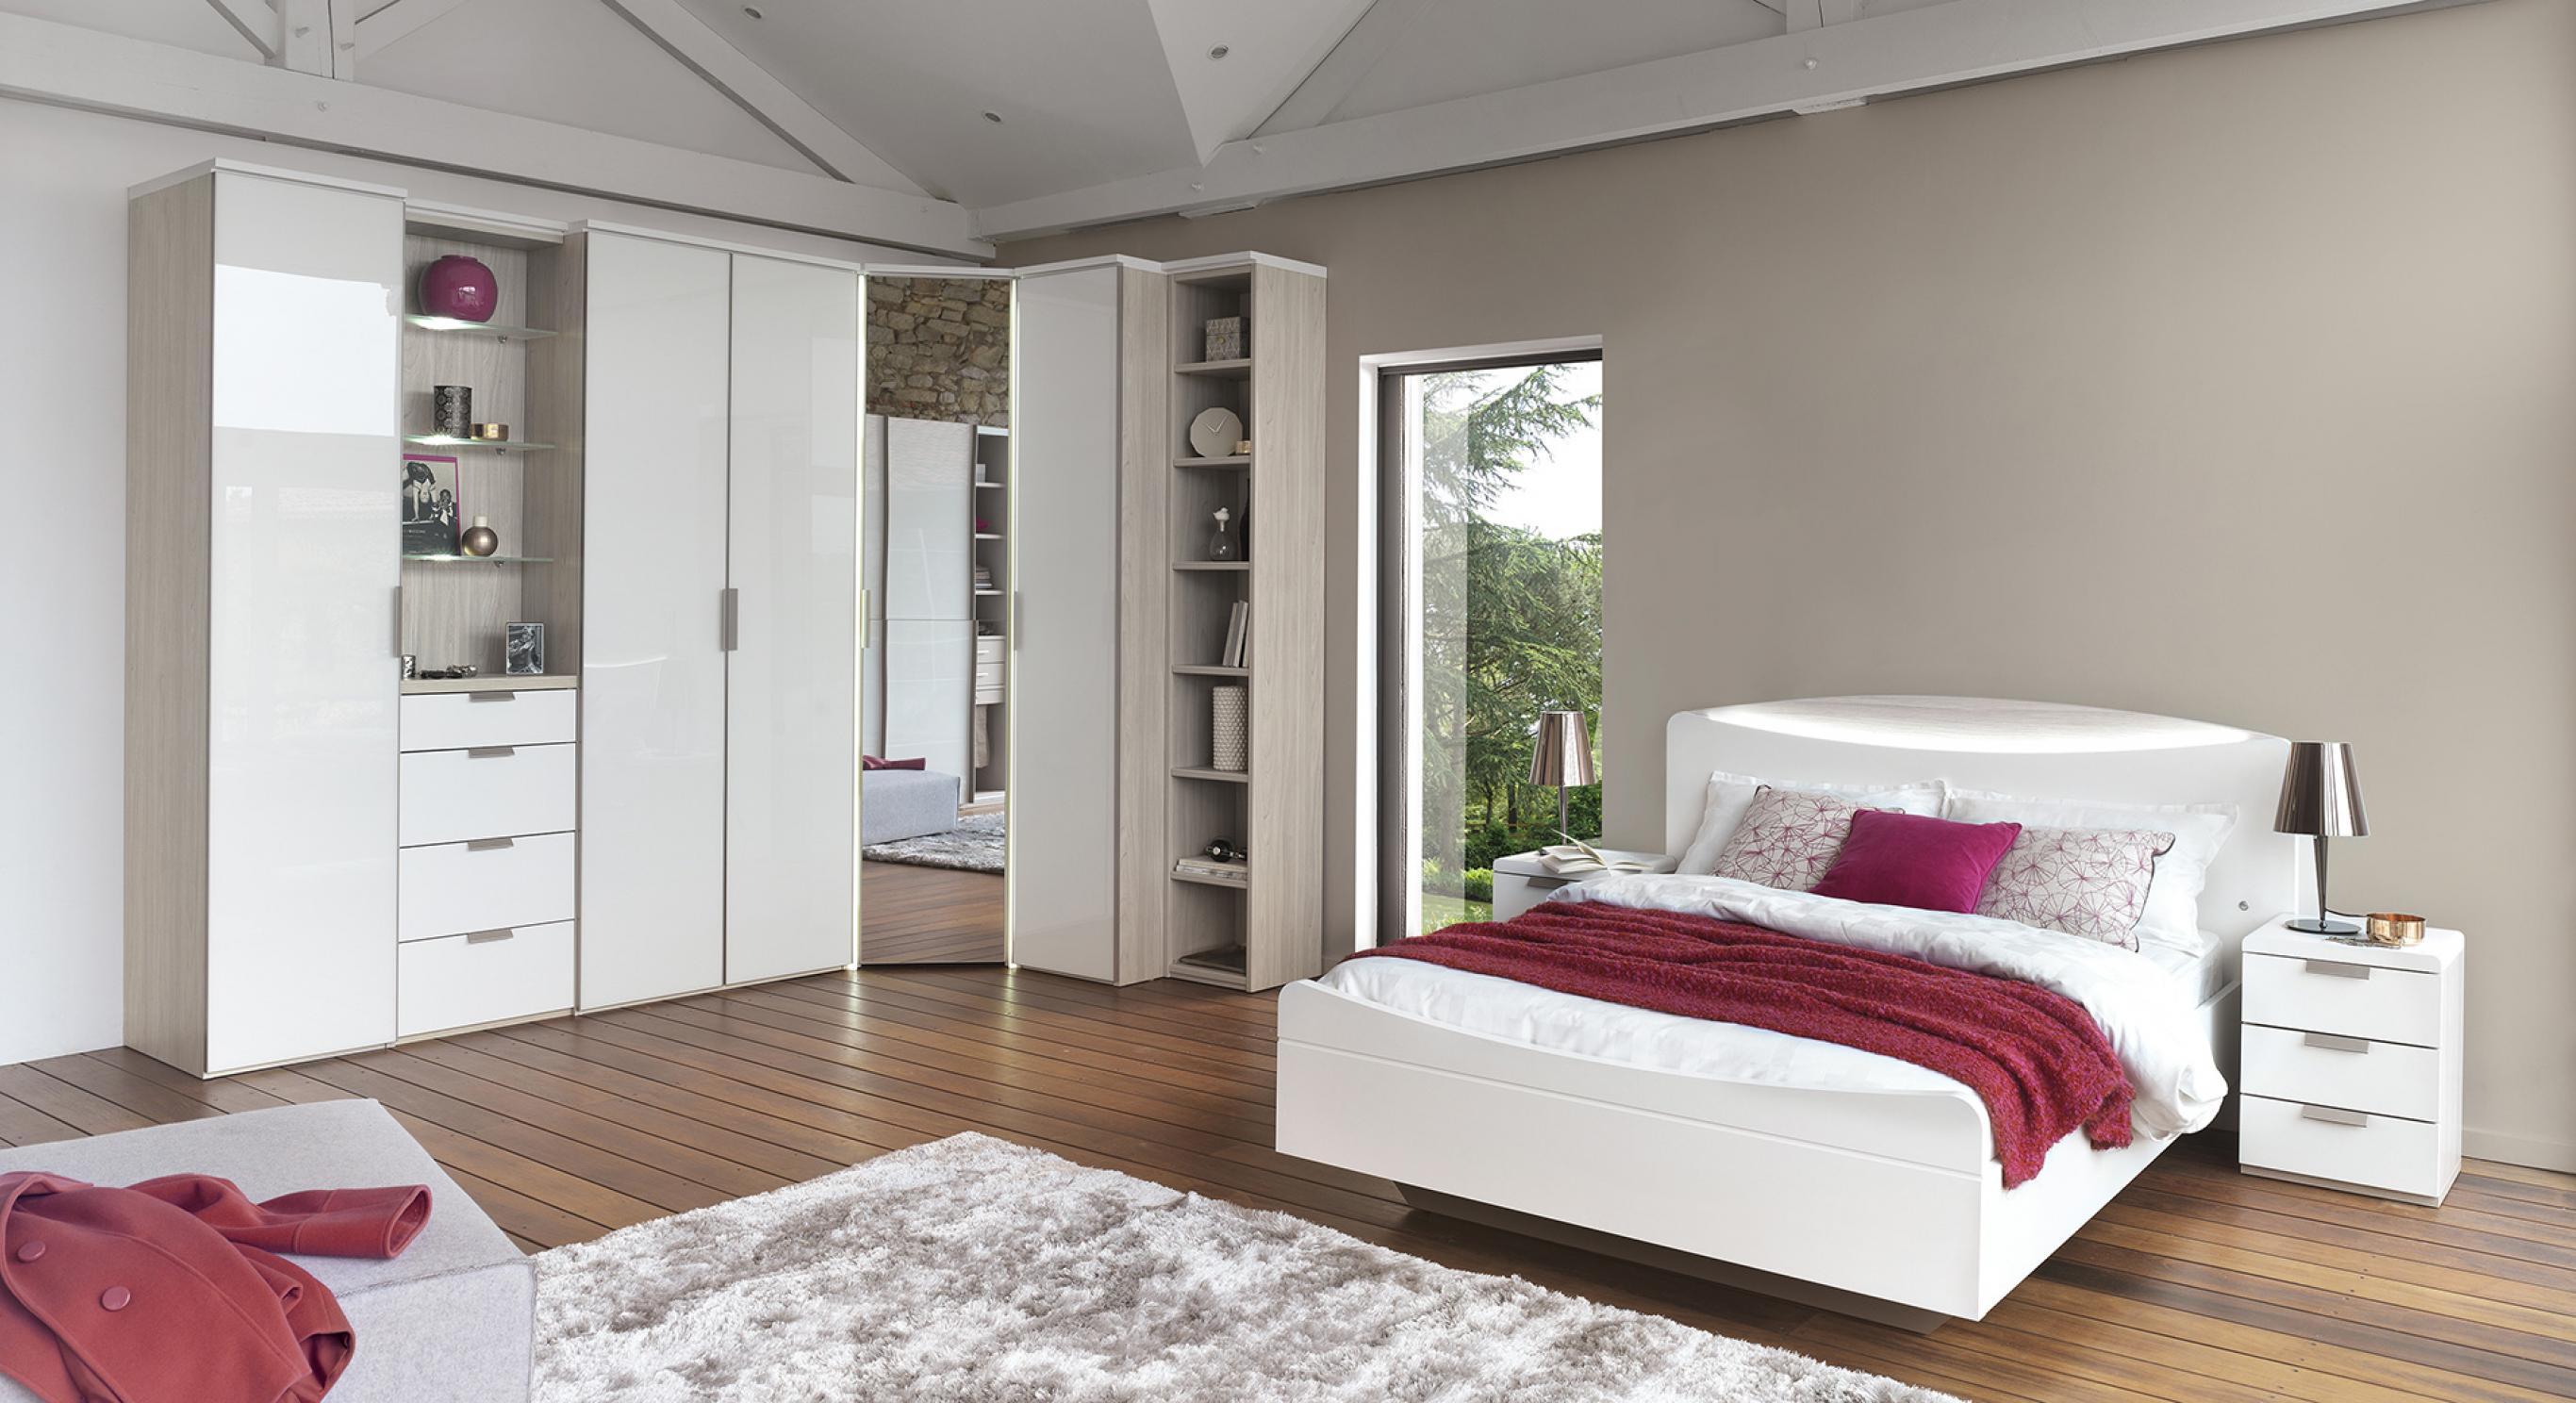 Porte En Tete De Lit collection loft, proche du sur-mesure | meubles celio